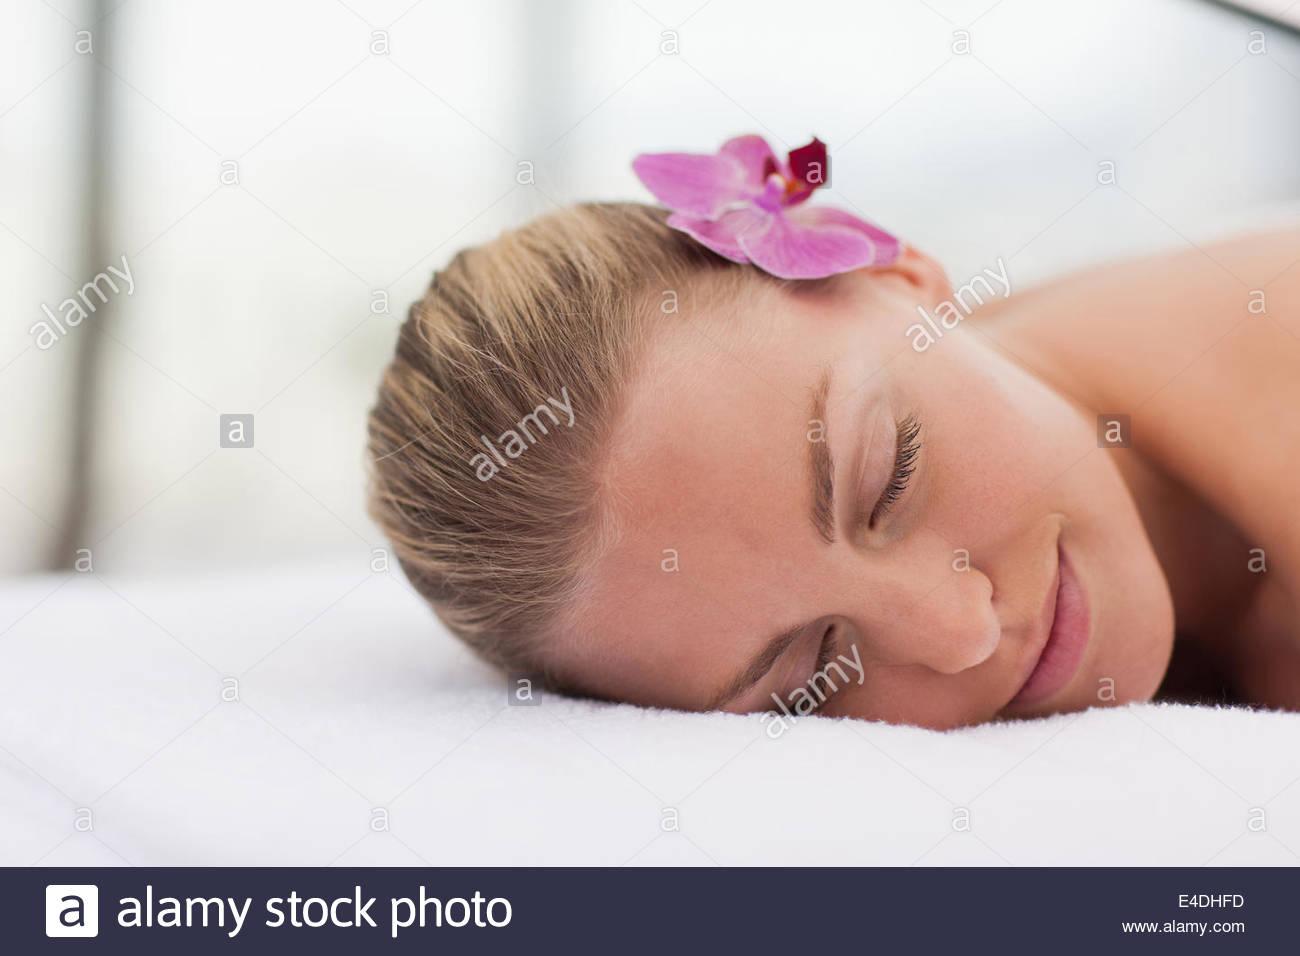 Woman avec orchidée dans les cheveux Photo Stock